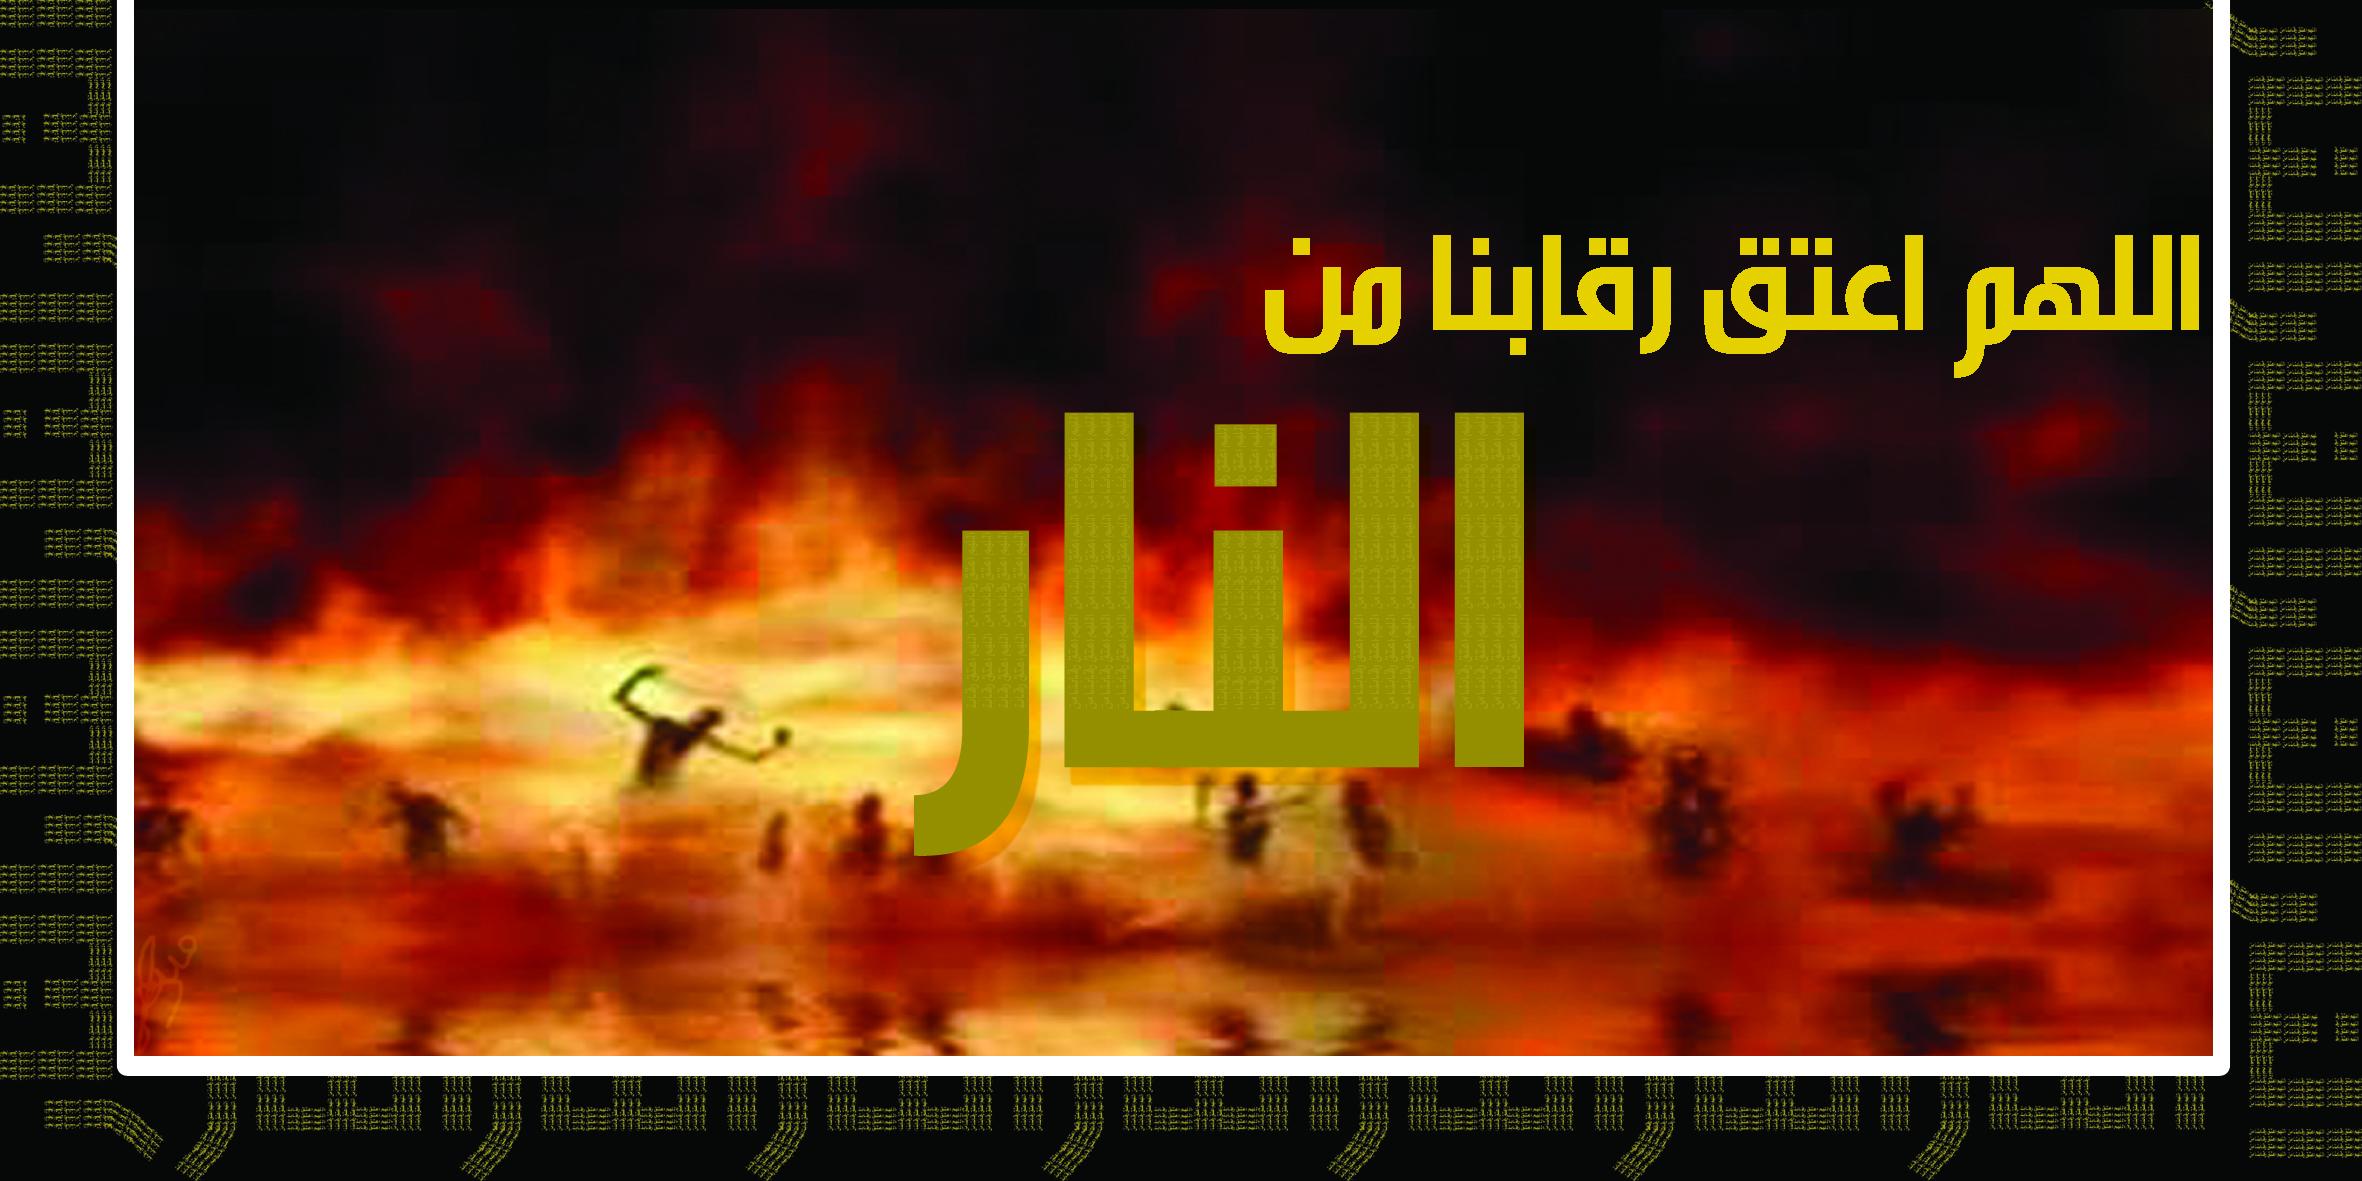 صوره اللهم اعتق رقابنا من النار